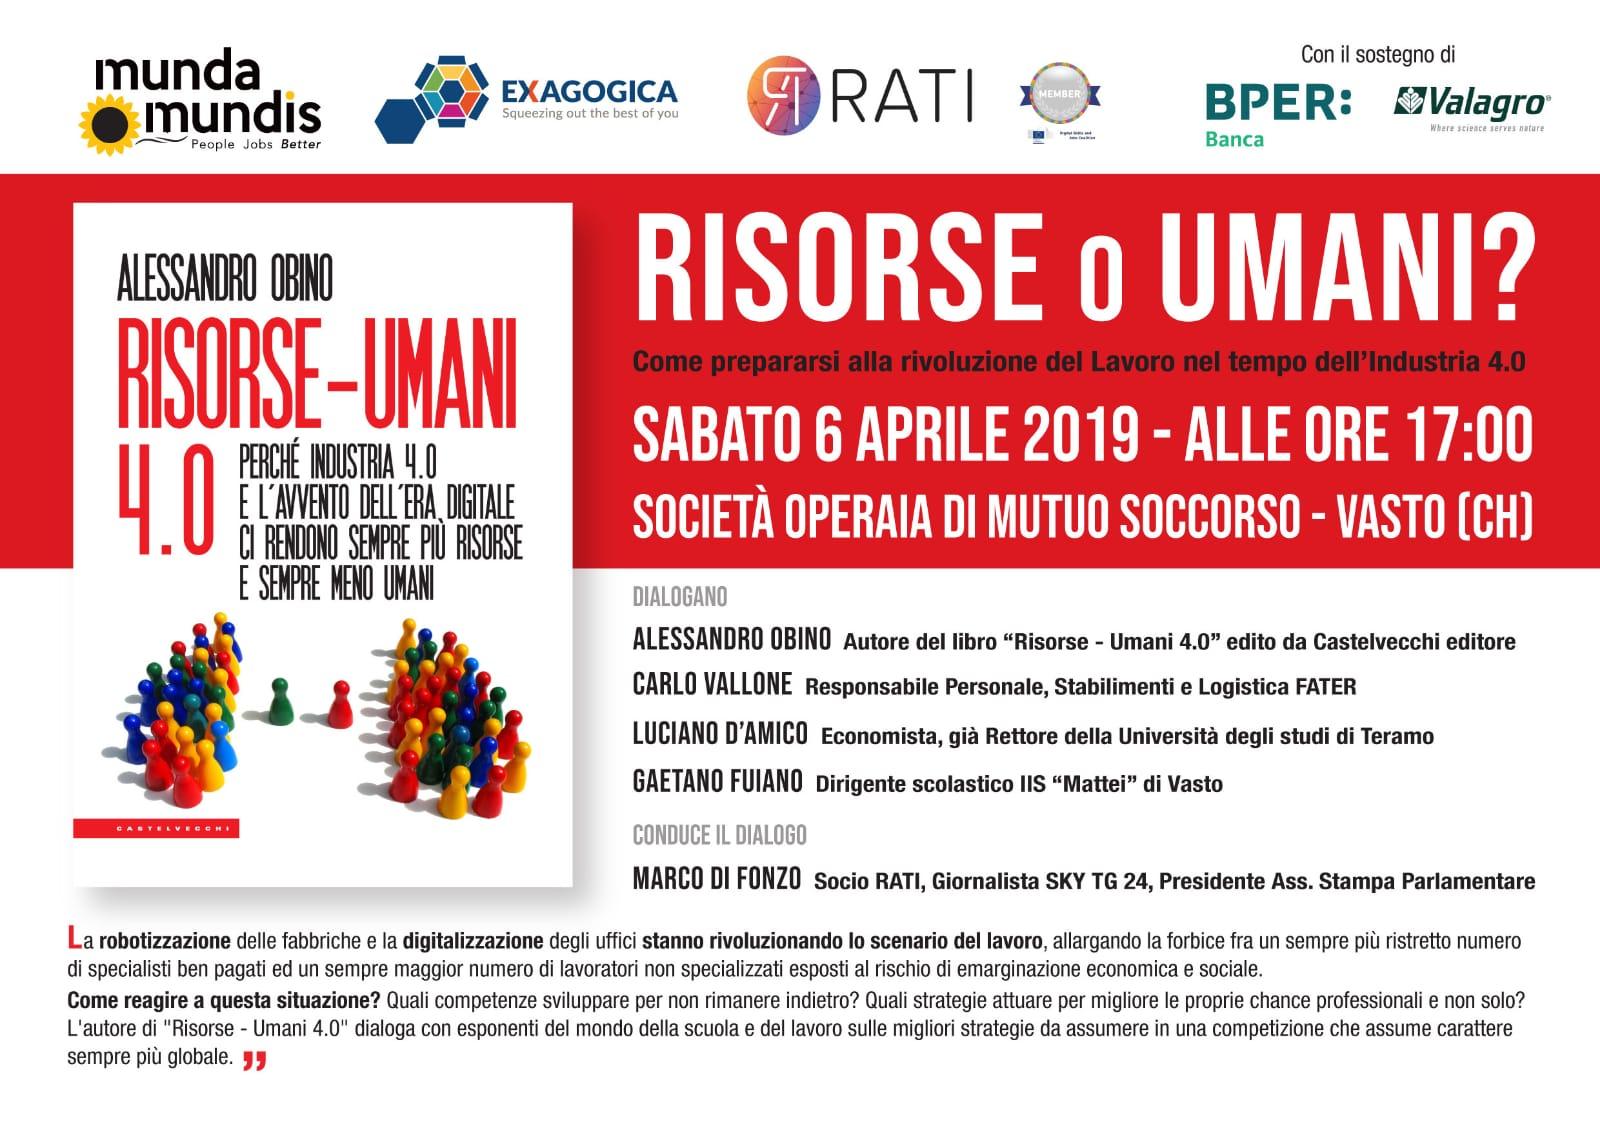 Risorse - umani 4.0 - Alessandro Obino